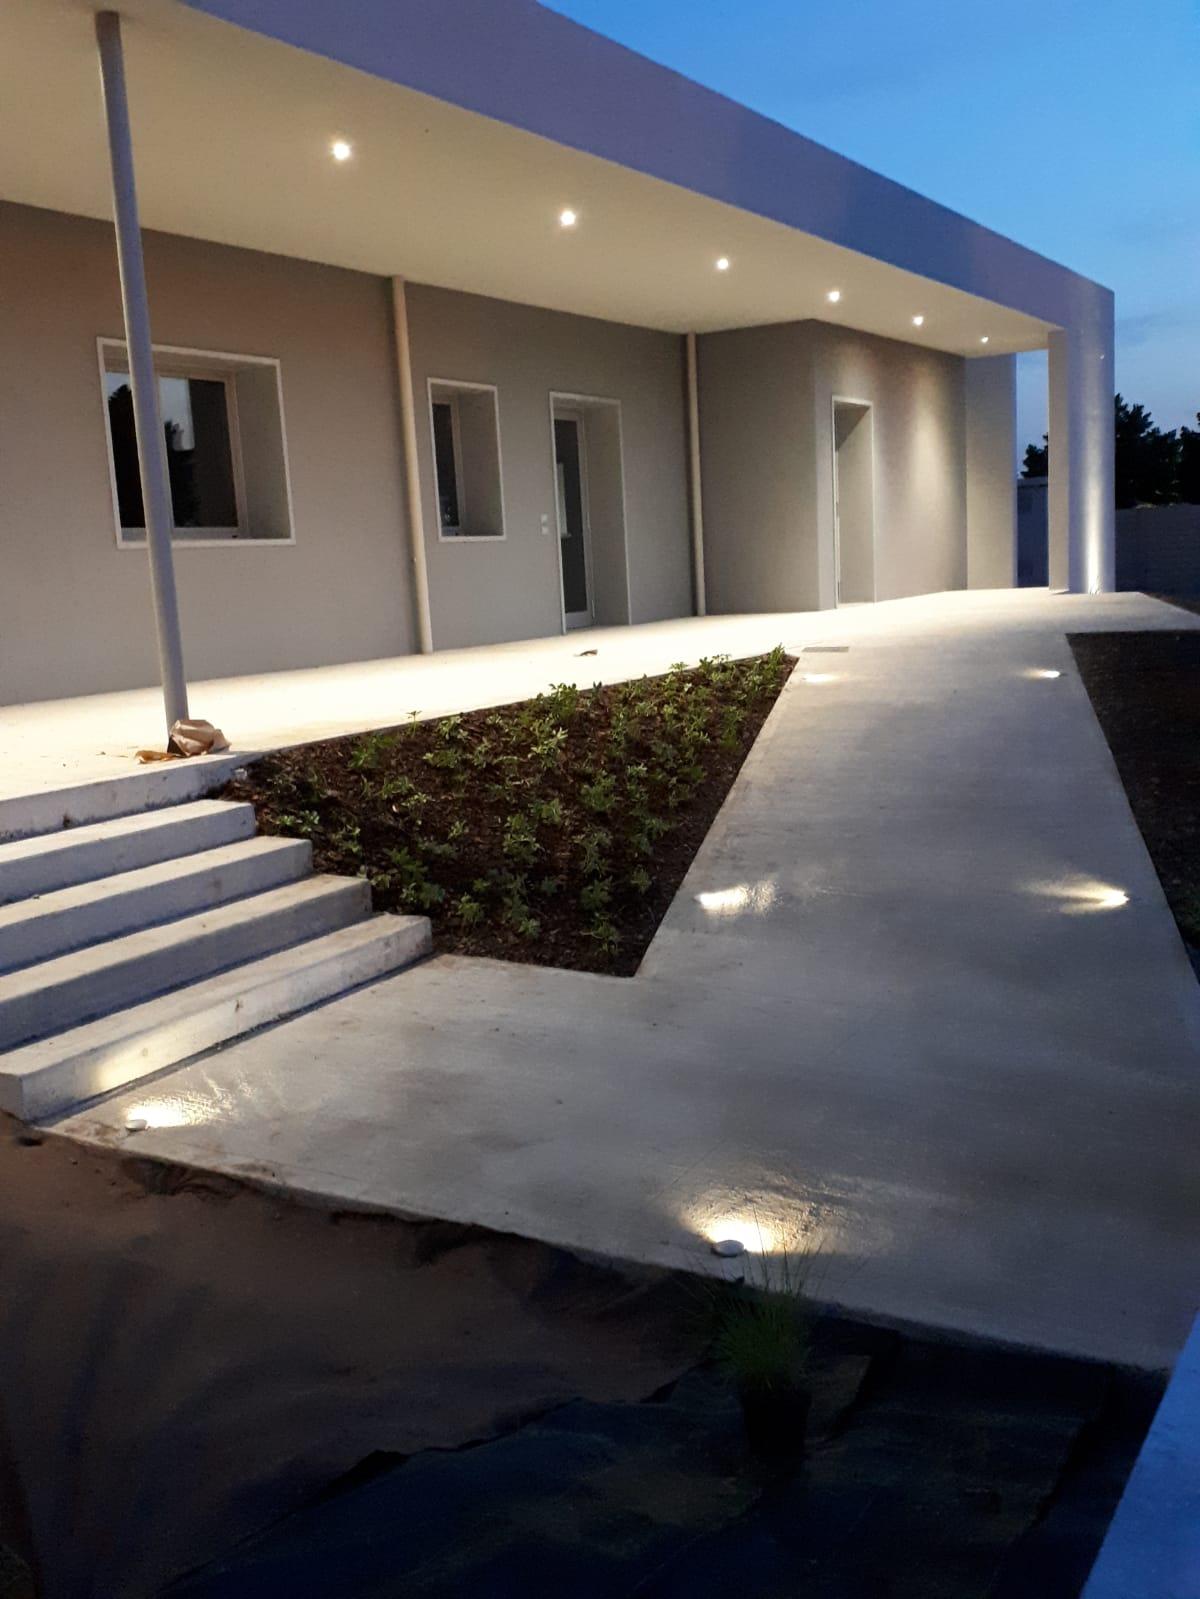 Illuminazione industriale battagin impianti srl - Illuminazione esterna ...